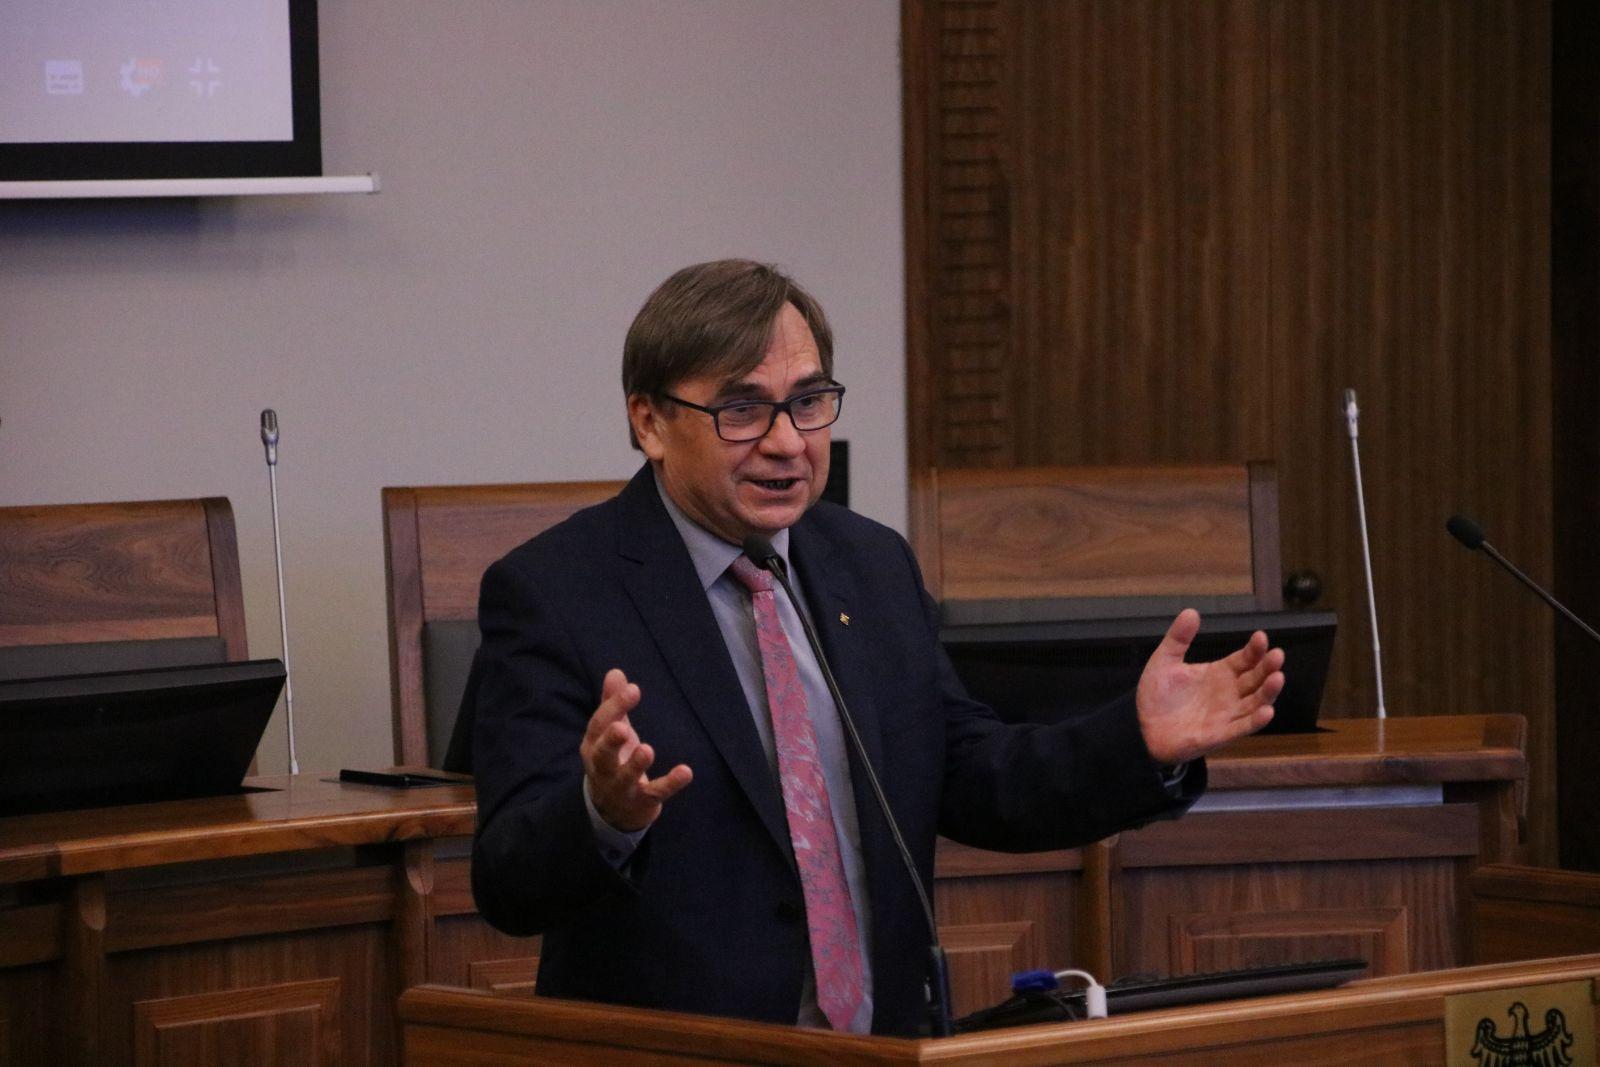 Prof. dr hab. Ryszard Naskręcki, Prorektor ds. nauki i współpracy międzynarodowej